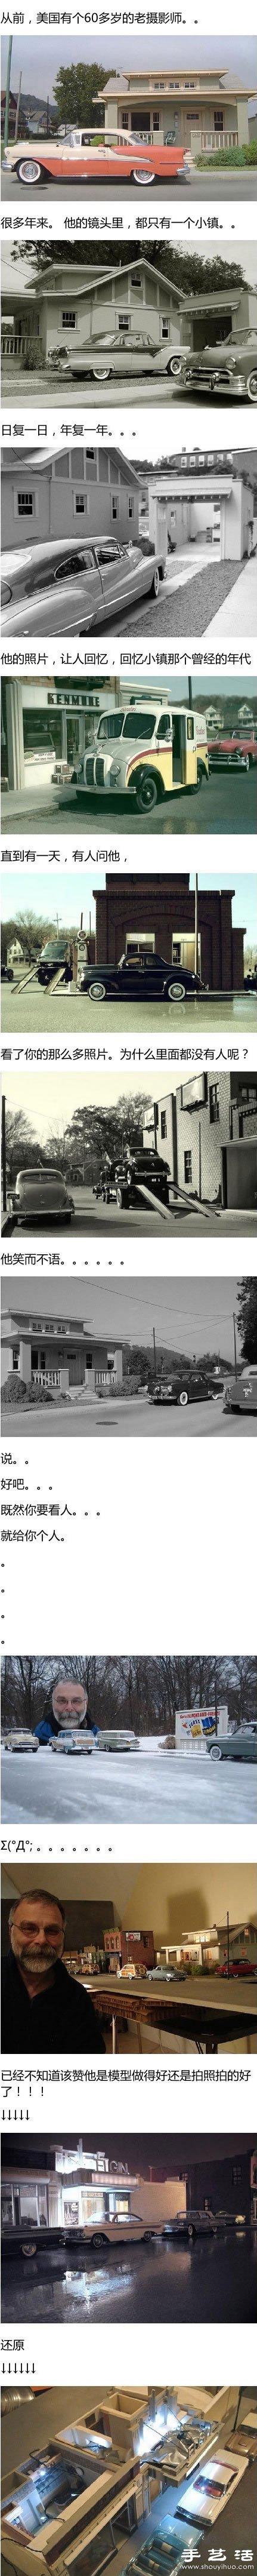 一位老人、一個小鎮和一堆照片的故事